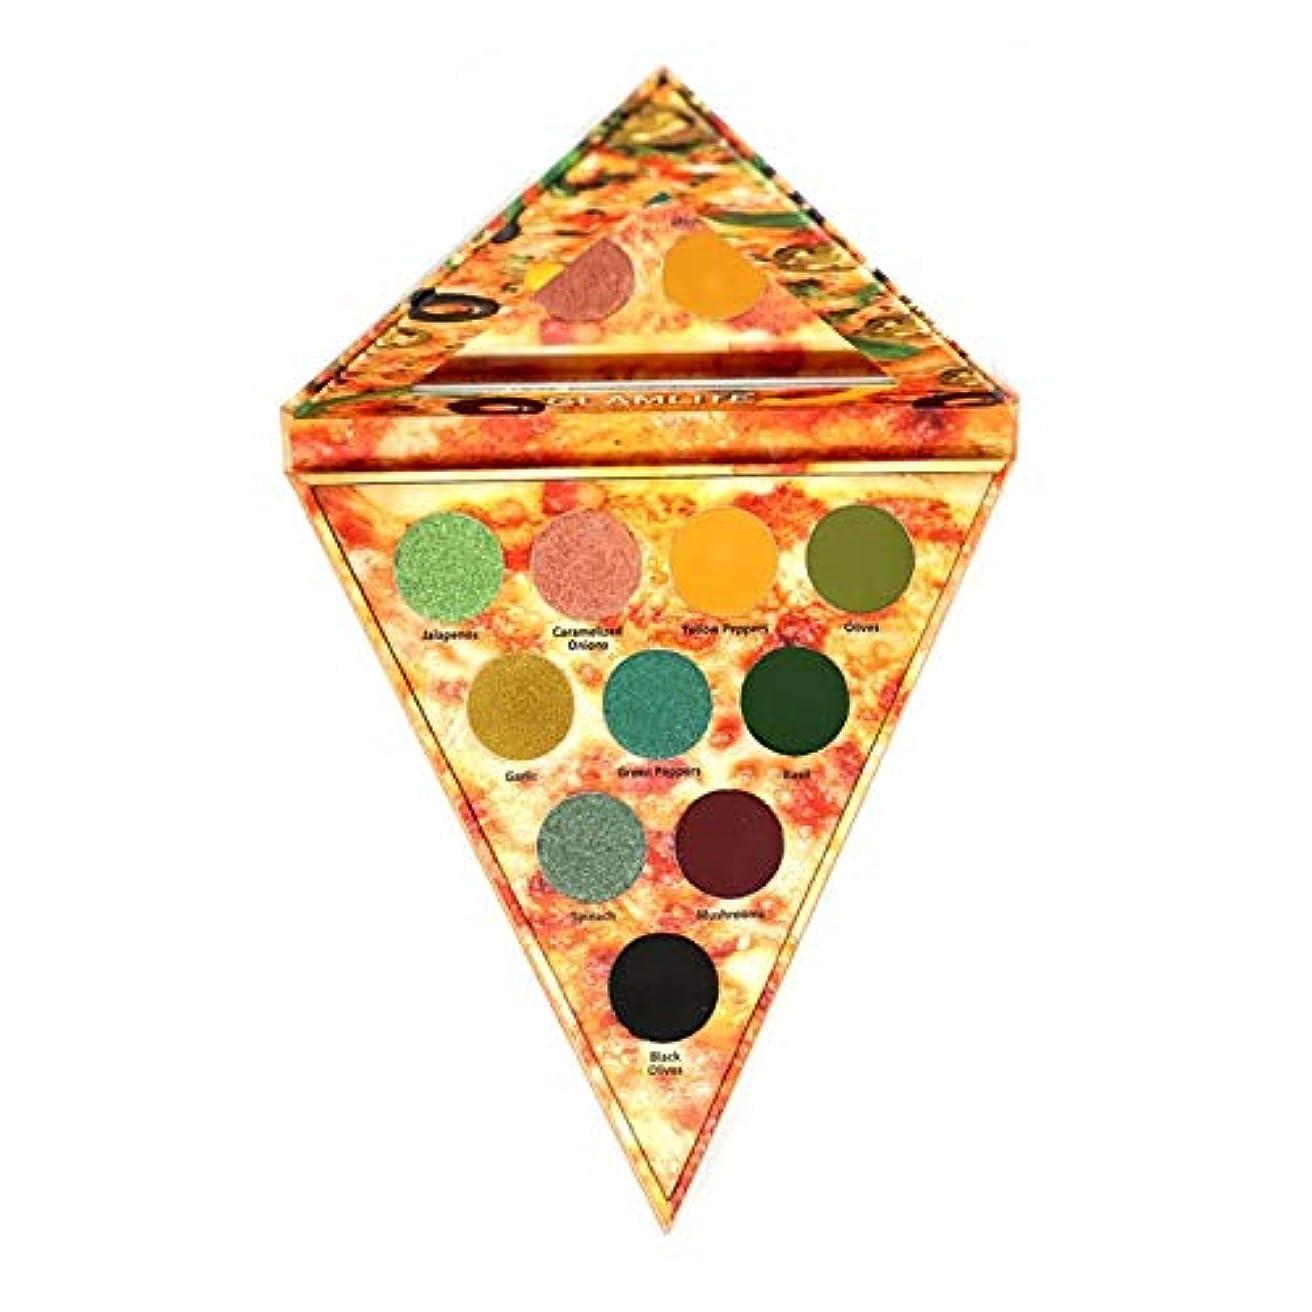 かけがえのない困惑するアレイグラムライト ピザ スライス パレット ベジ?ラバーズ